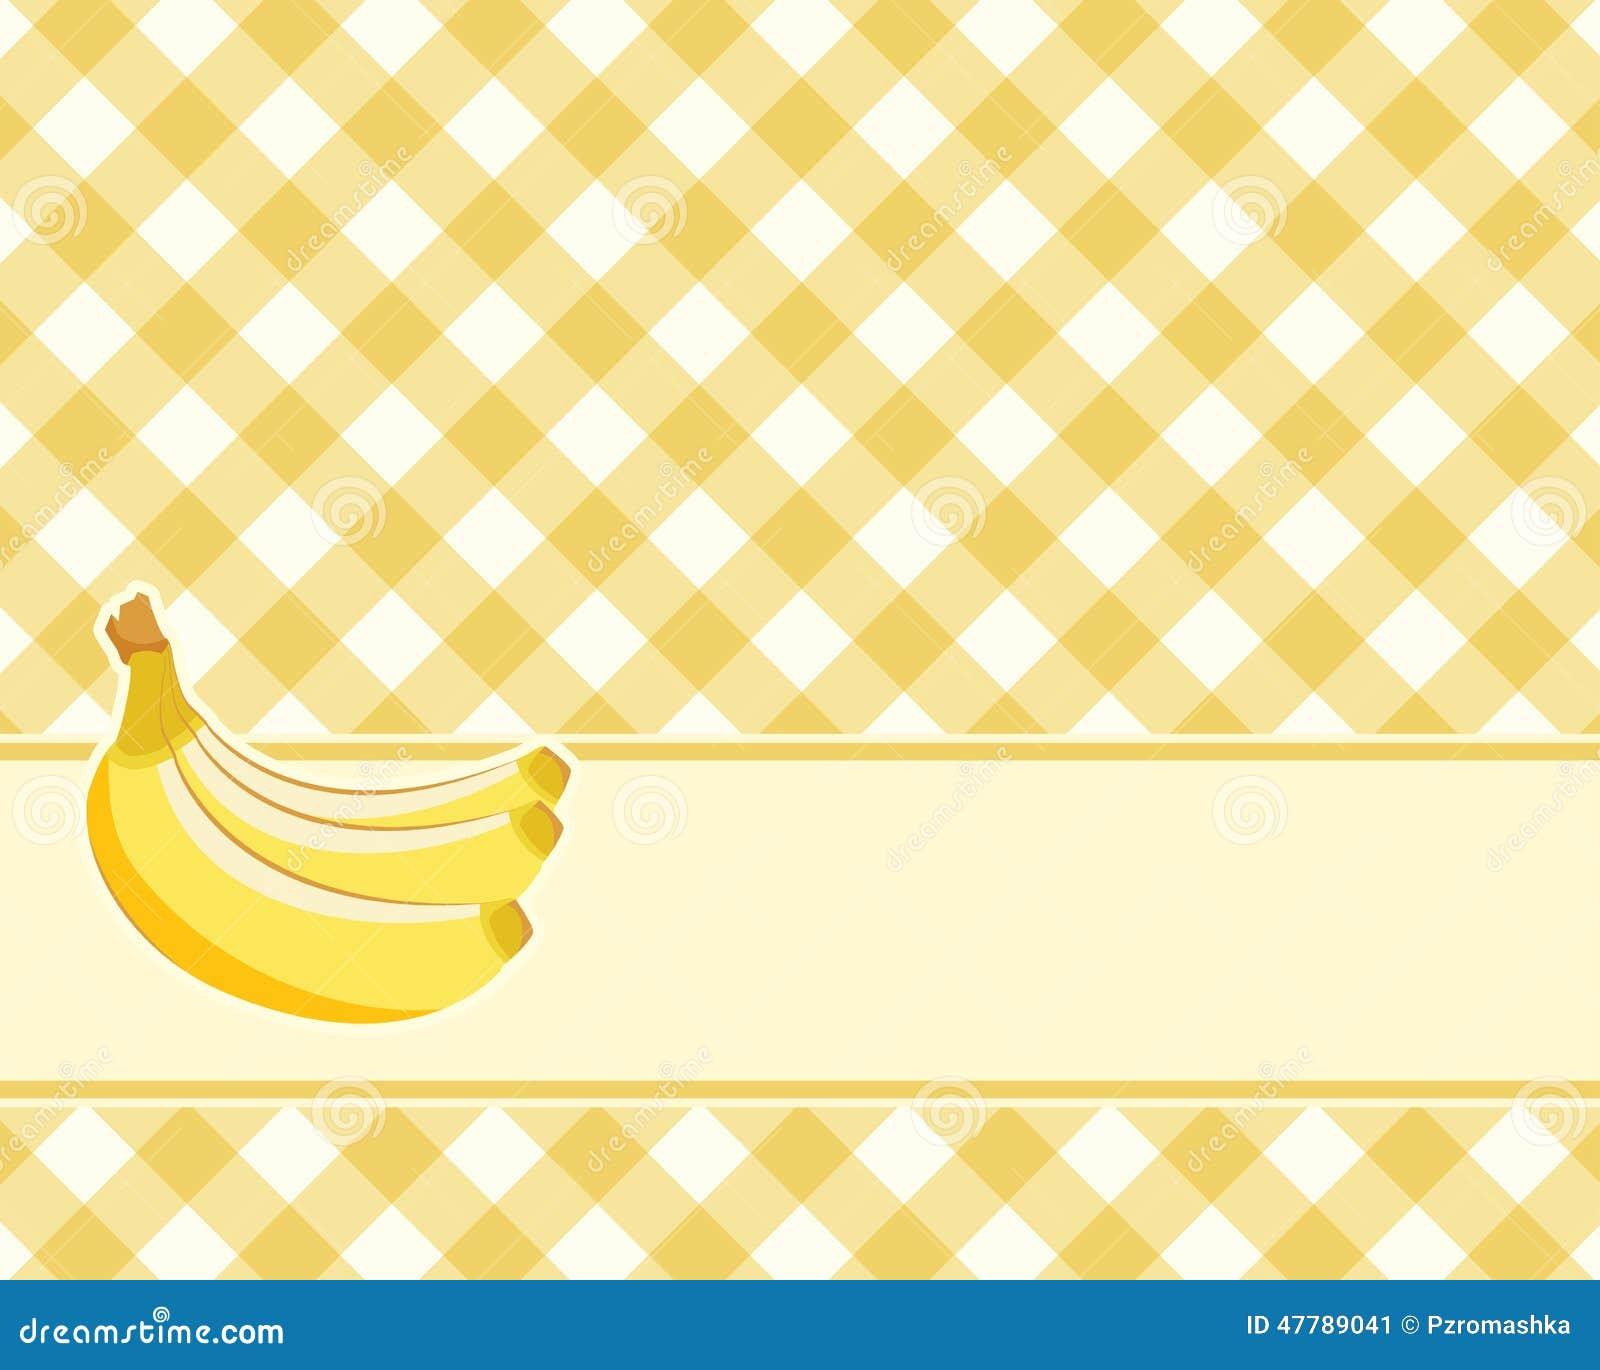 黄色网址黄色笑�_方格的黄色背景用香蕉 向量 仿制桌布.